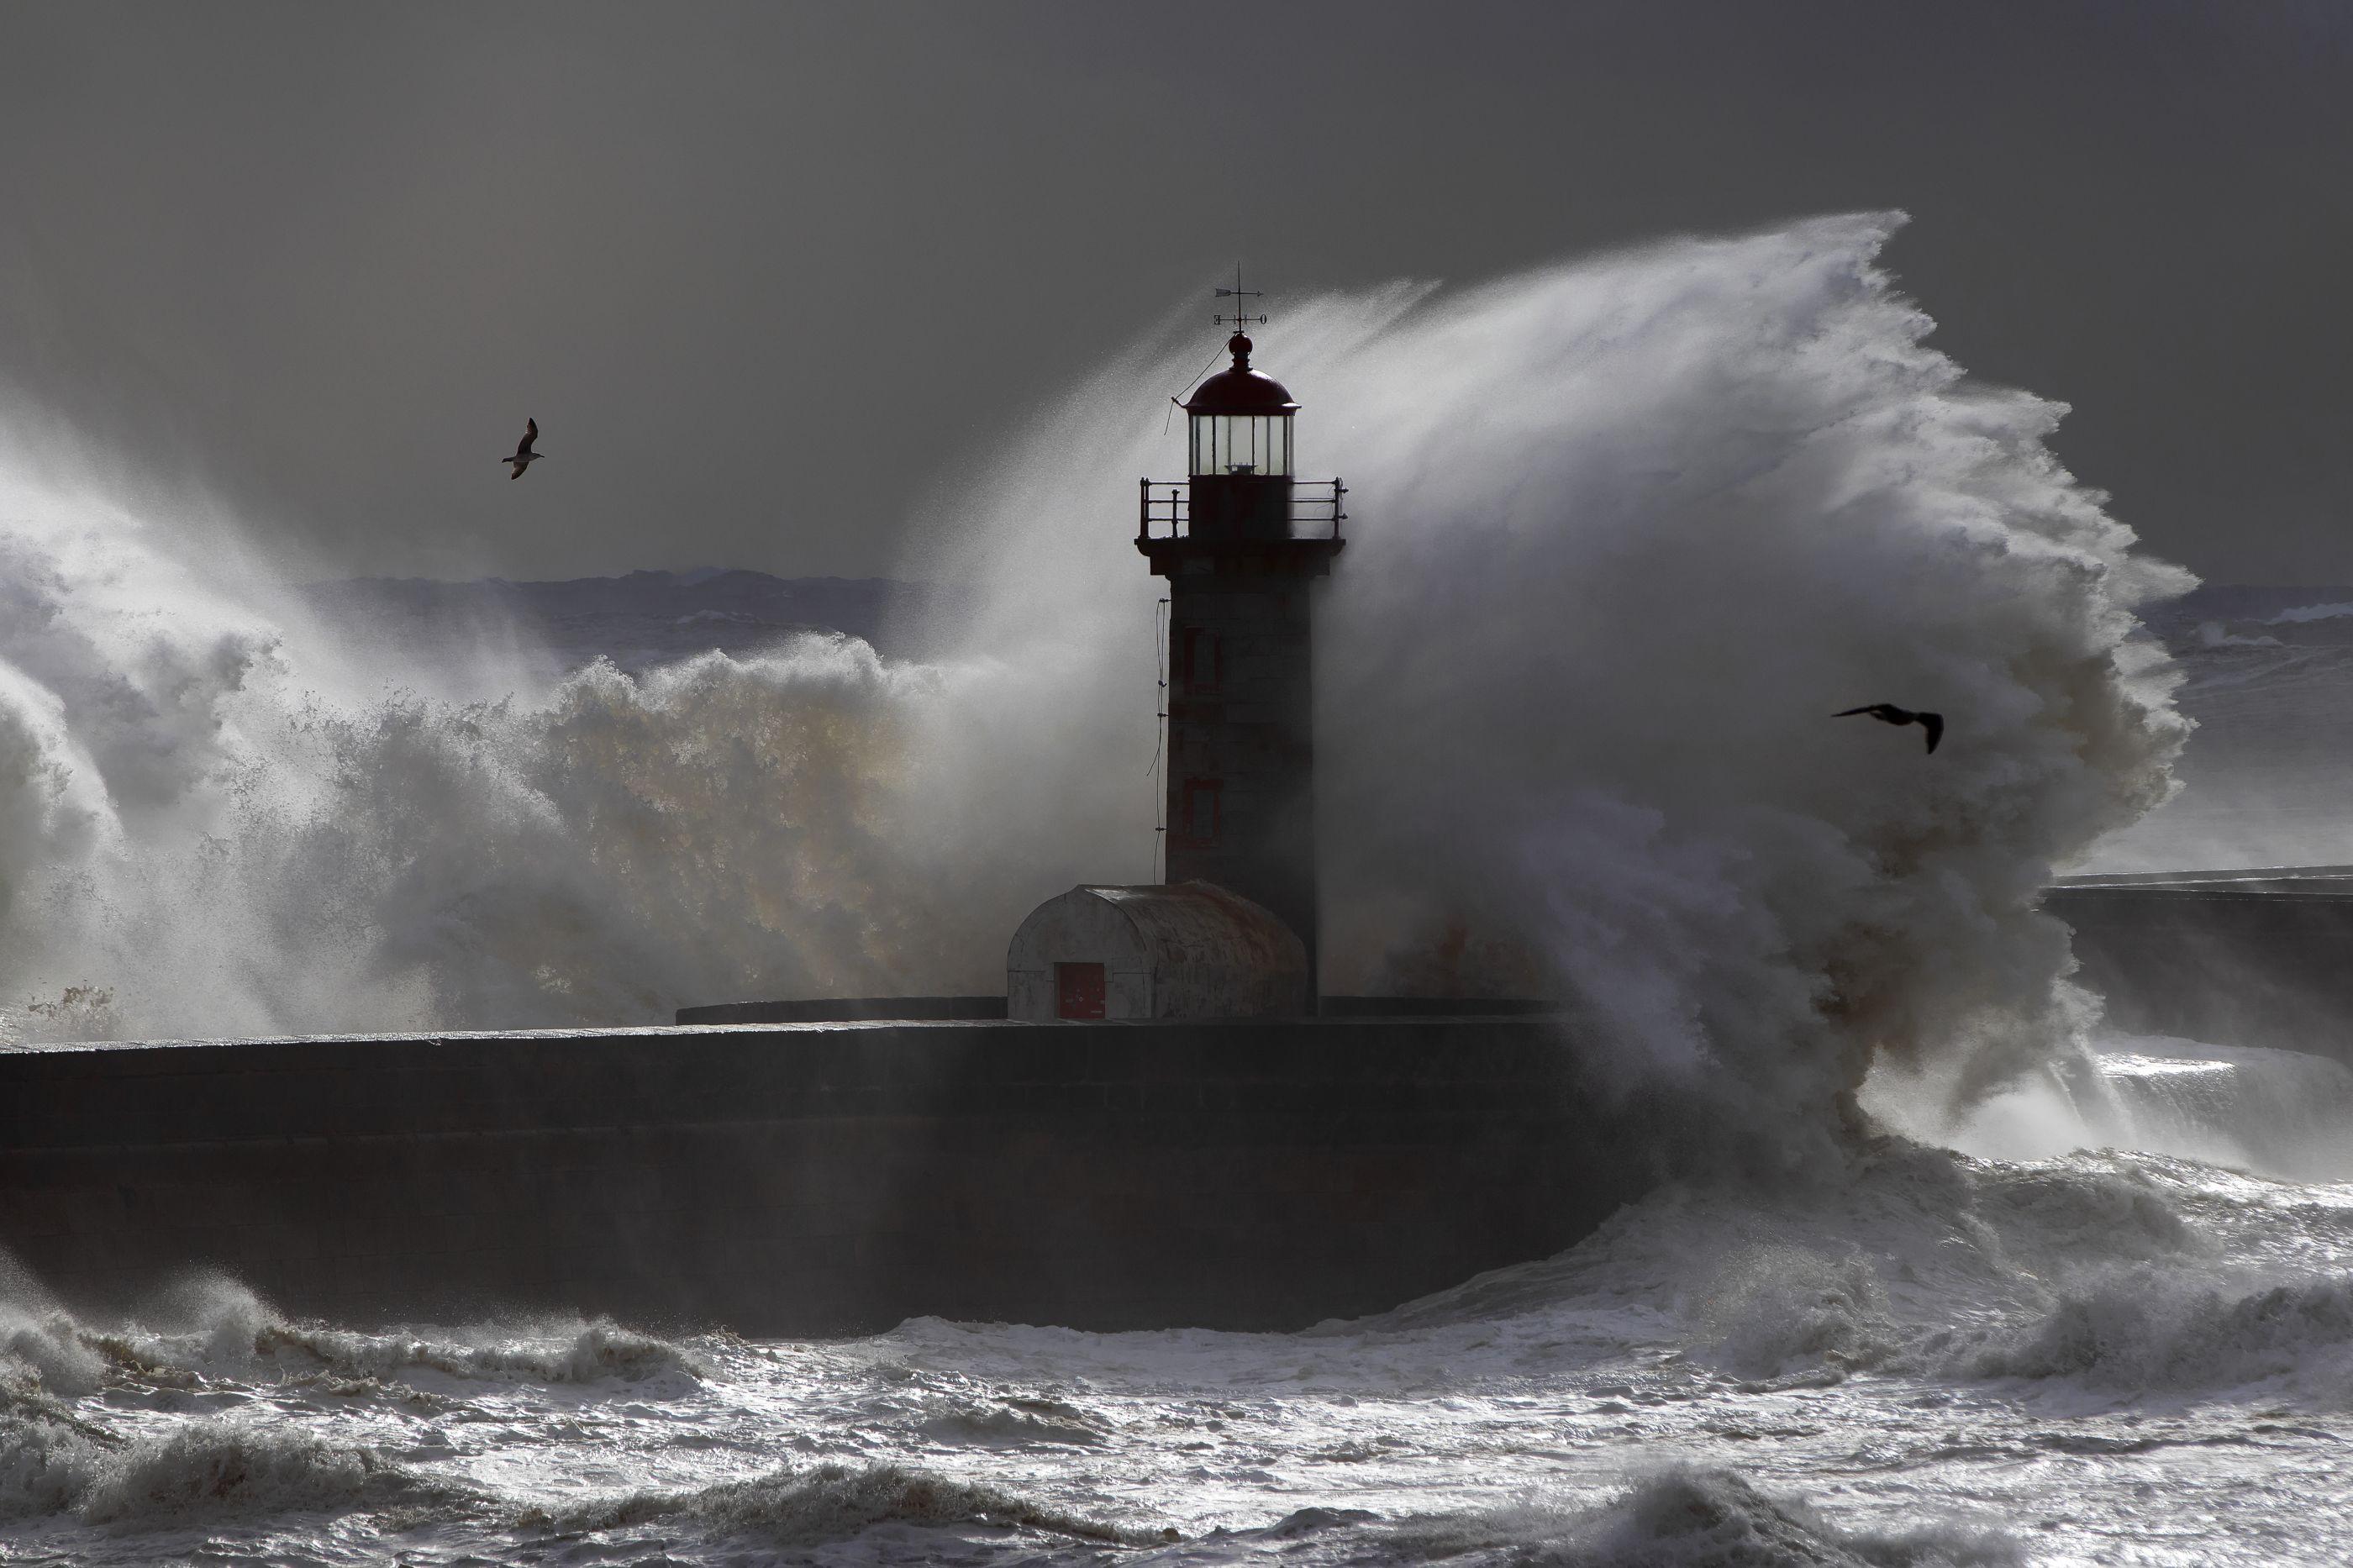 Temperaturas acima dos 20ºC, mas mar agitado põe oito distritos sob aviso